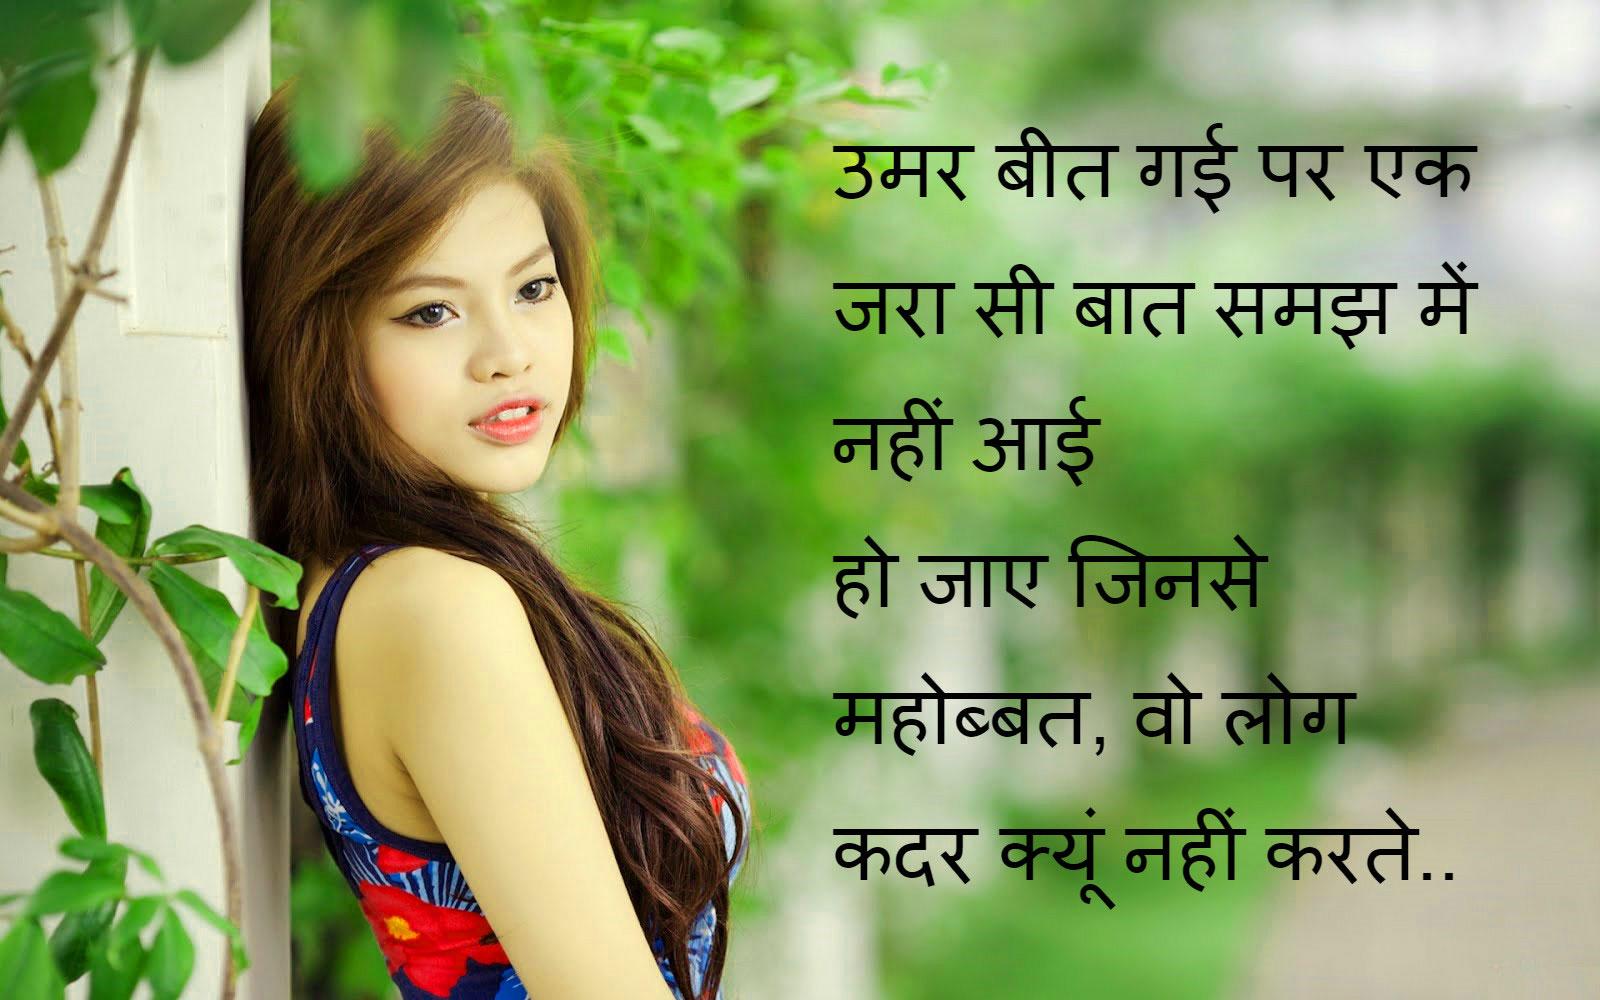 Best Hindi Love Shayari Quotes Whatsapp Status49